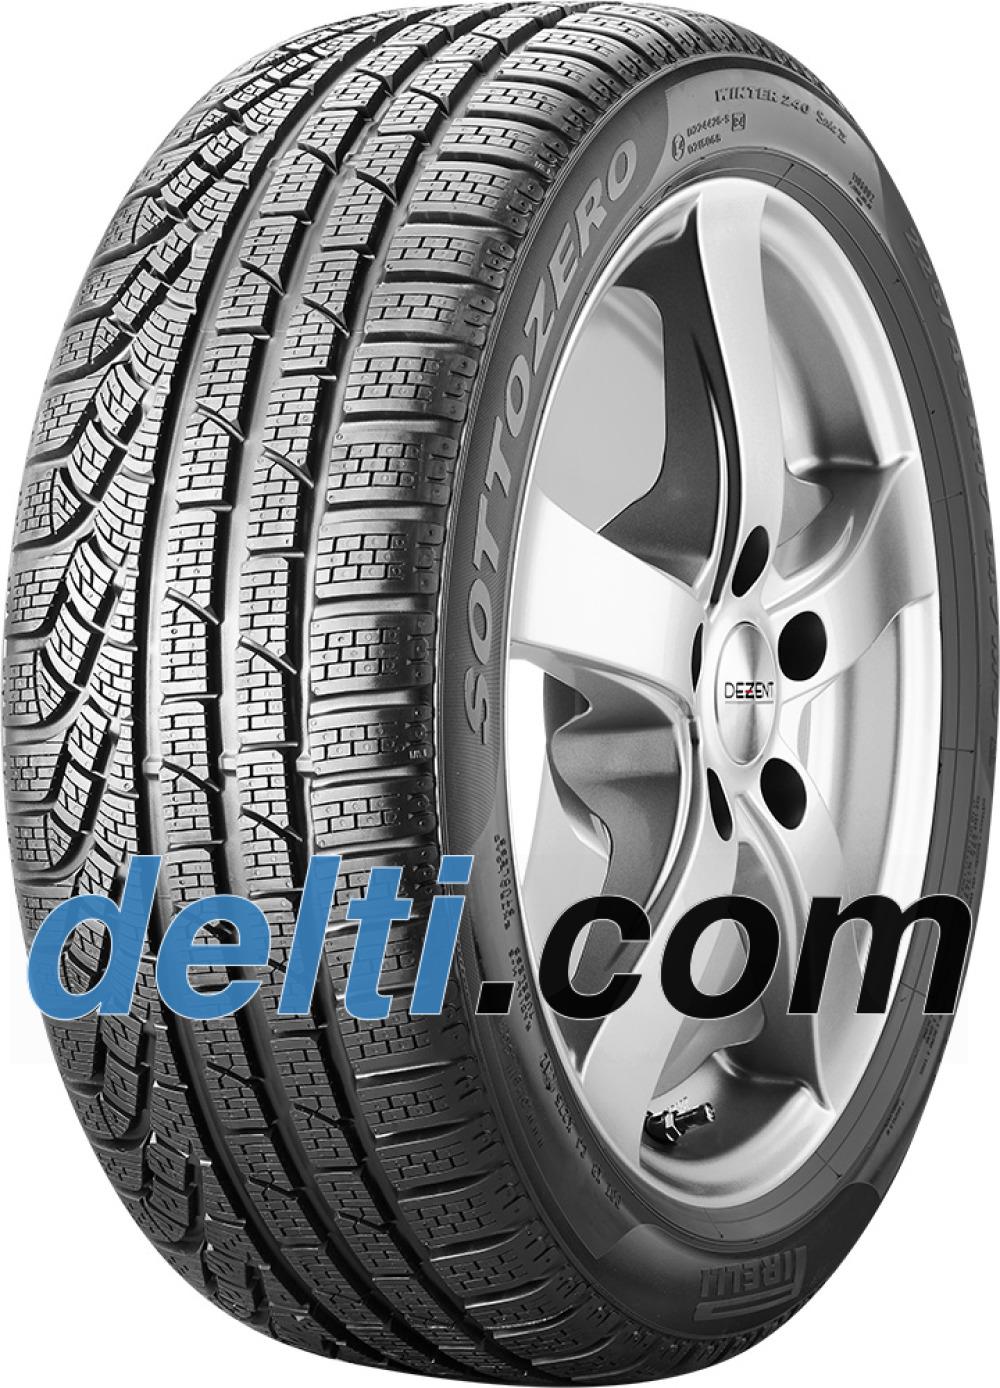 Pirelli W 270 SottoZero S2 ( 265/35 R19 98W XL , MO, con protector de llanta (MFS) )